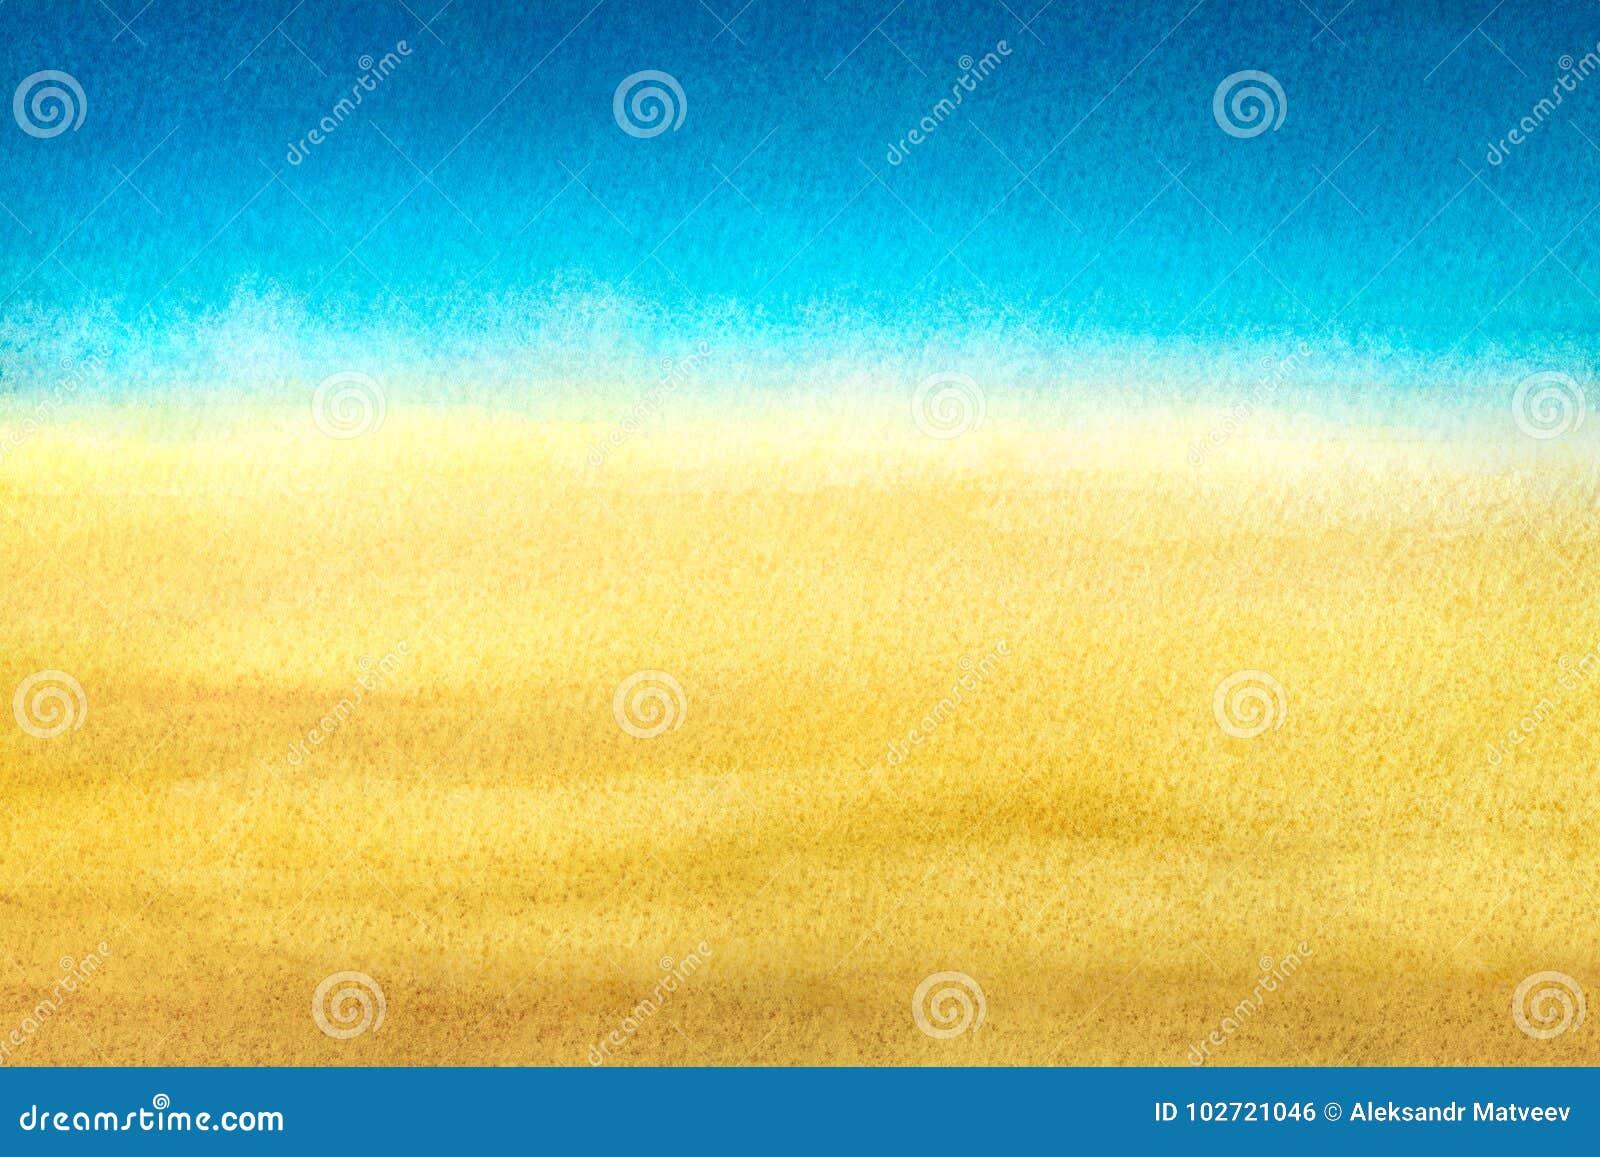 Blu-chiaro per riscaldare pendenza astratta gialla della spiaggia e del mare dipinta in acquerello su fondo bianco pulito